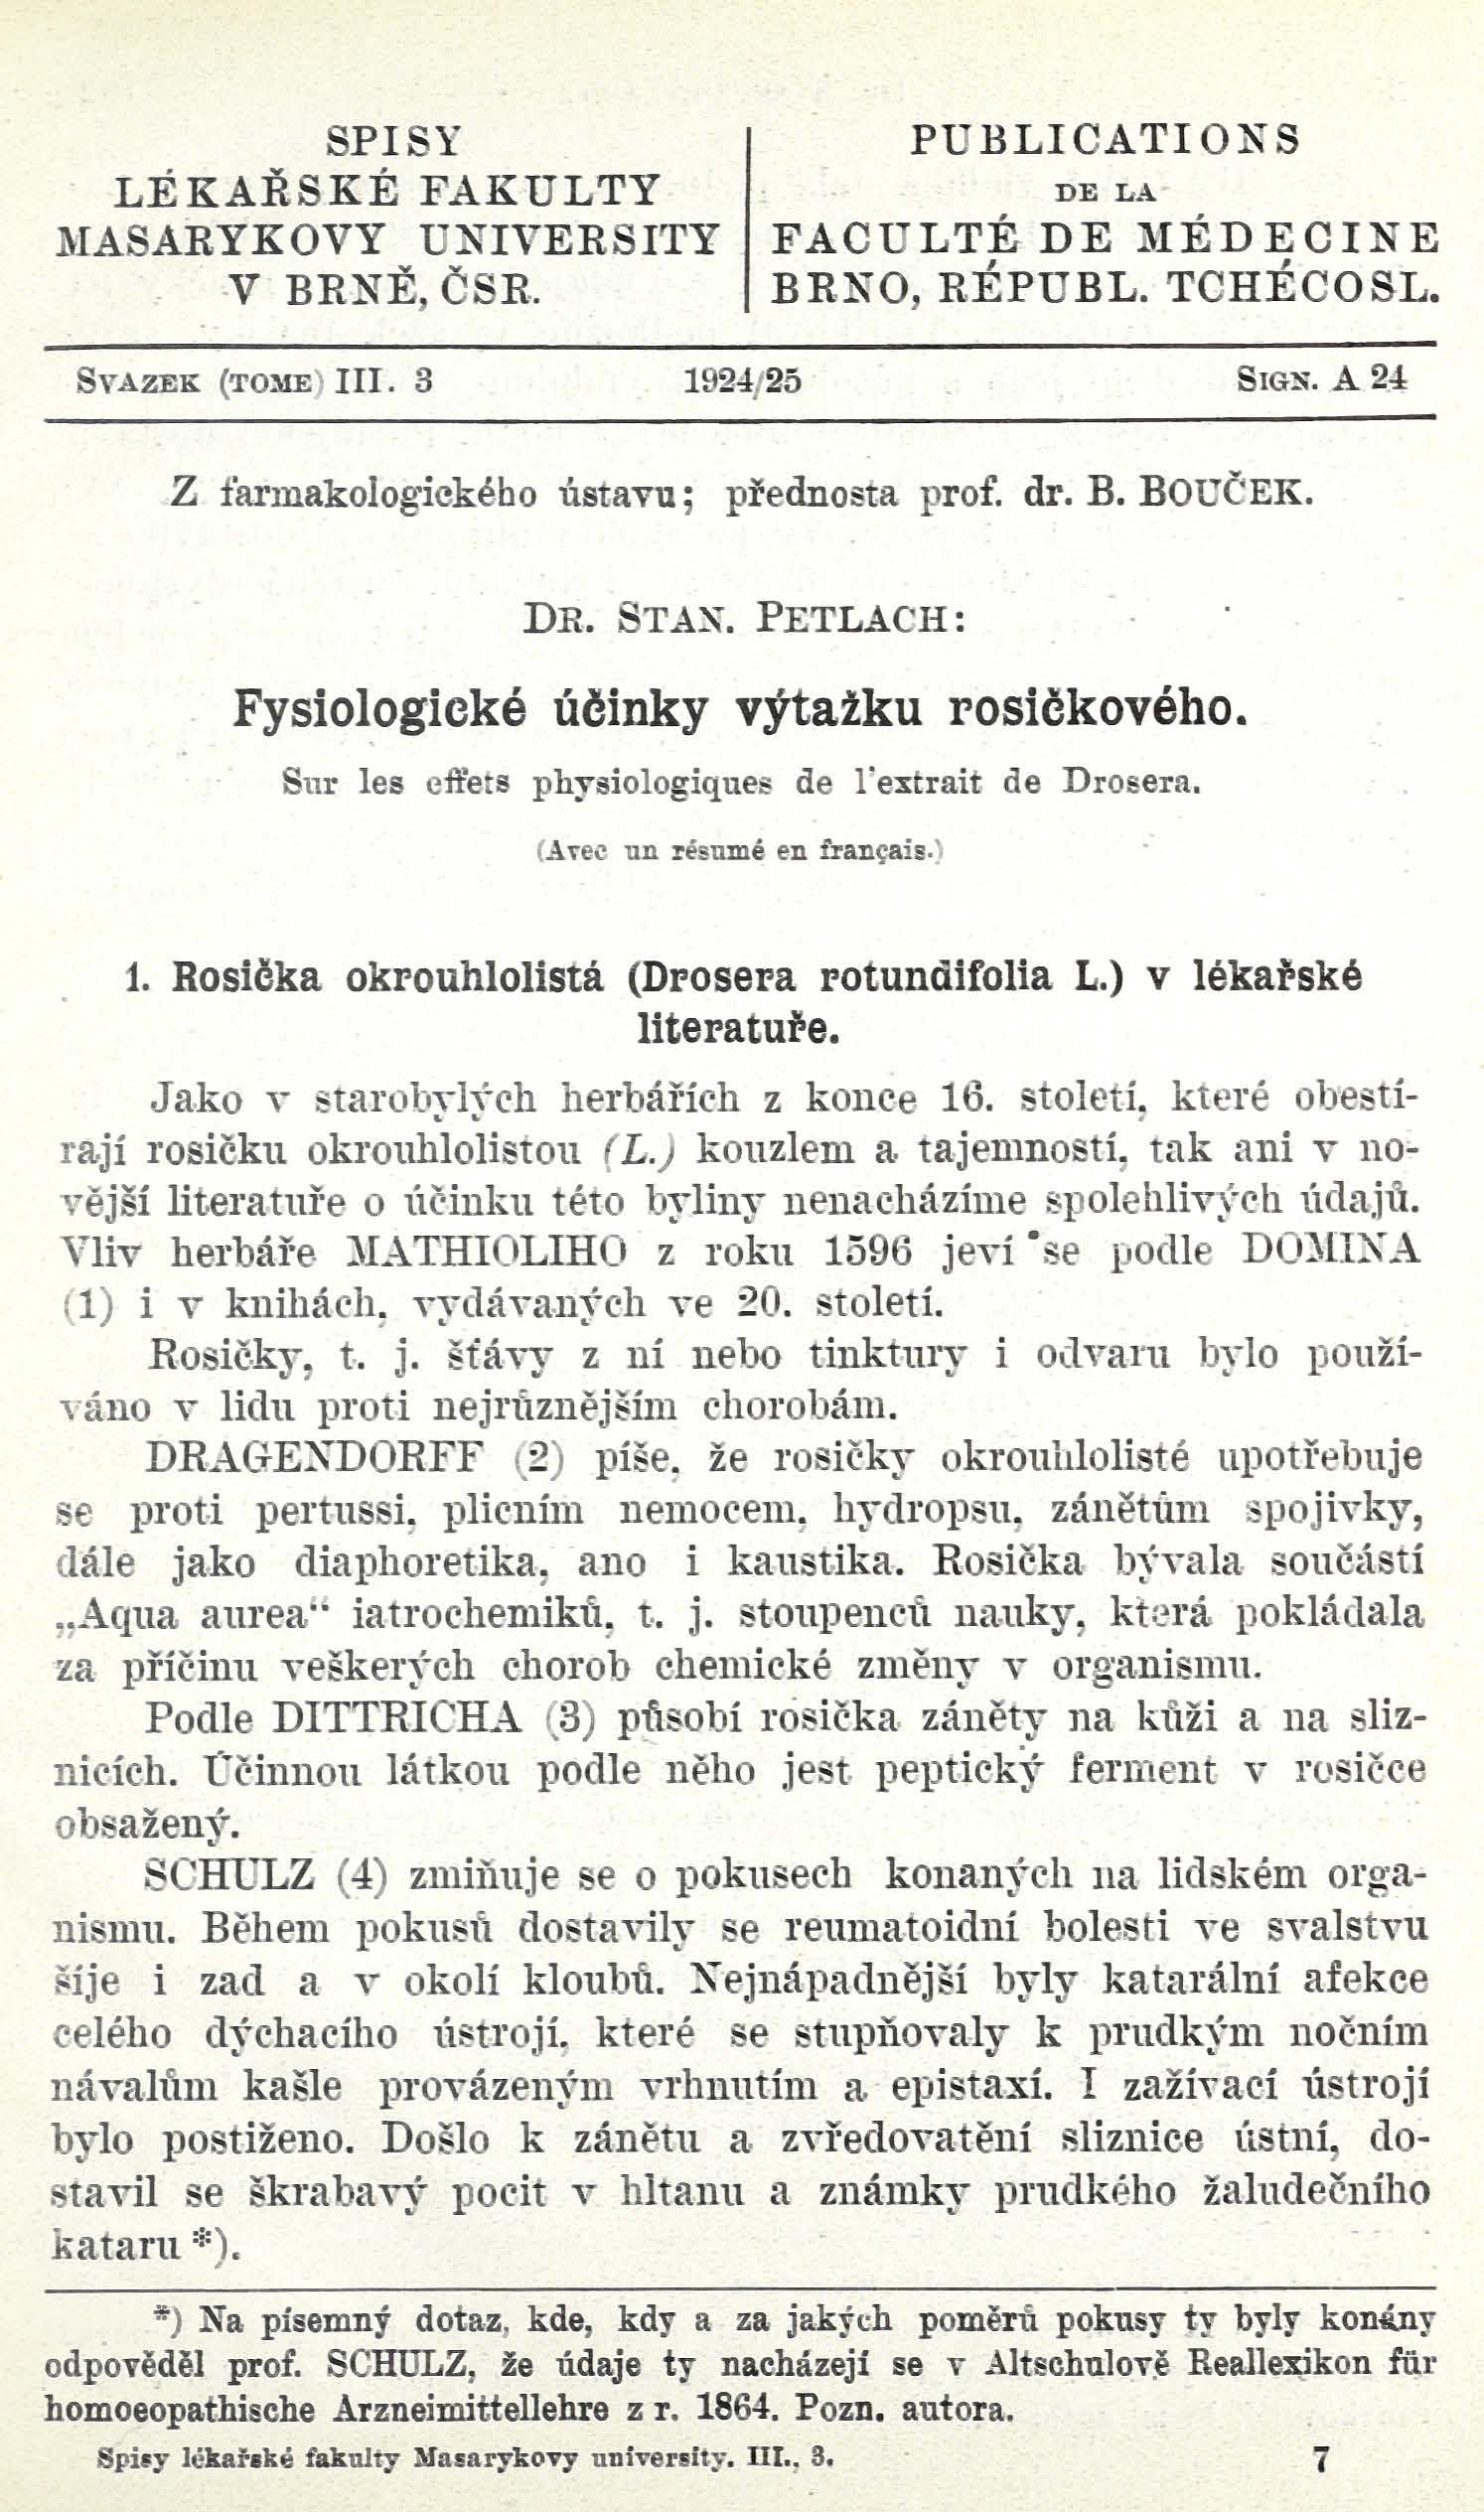 Obálka pro Fysiologické účinky výtažku rosičkového / Sur les effets physiologiques de l'extrait de Drosera